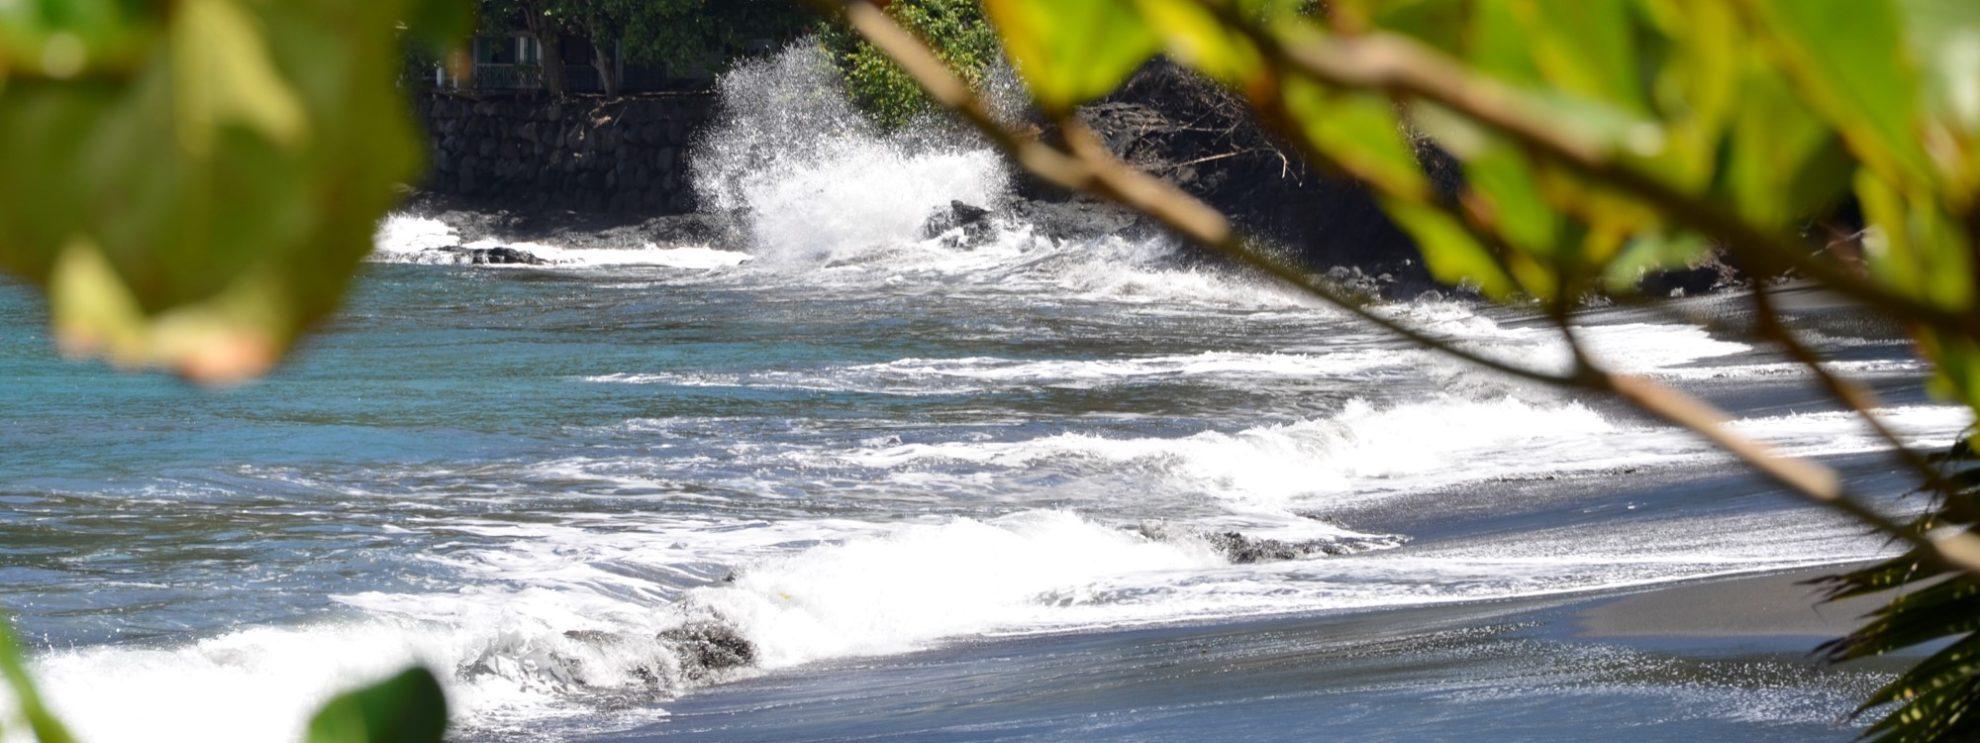 Песок на пляжах острова Таити черного цвета, вулканического происхождения.